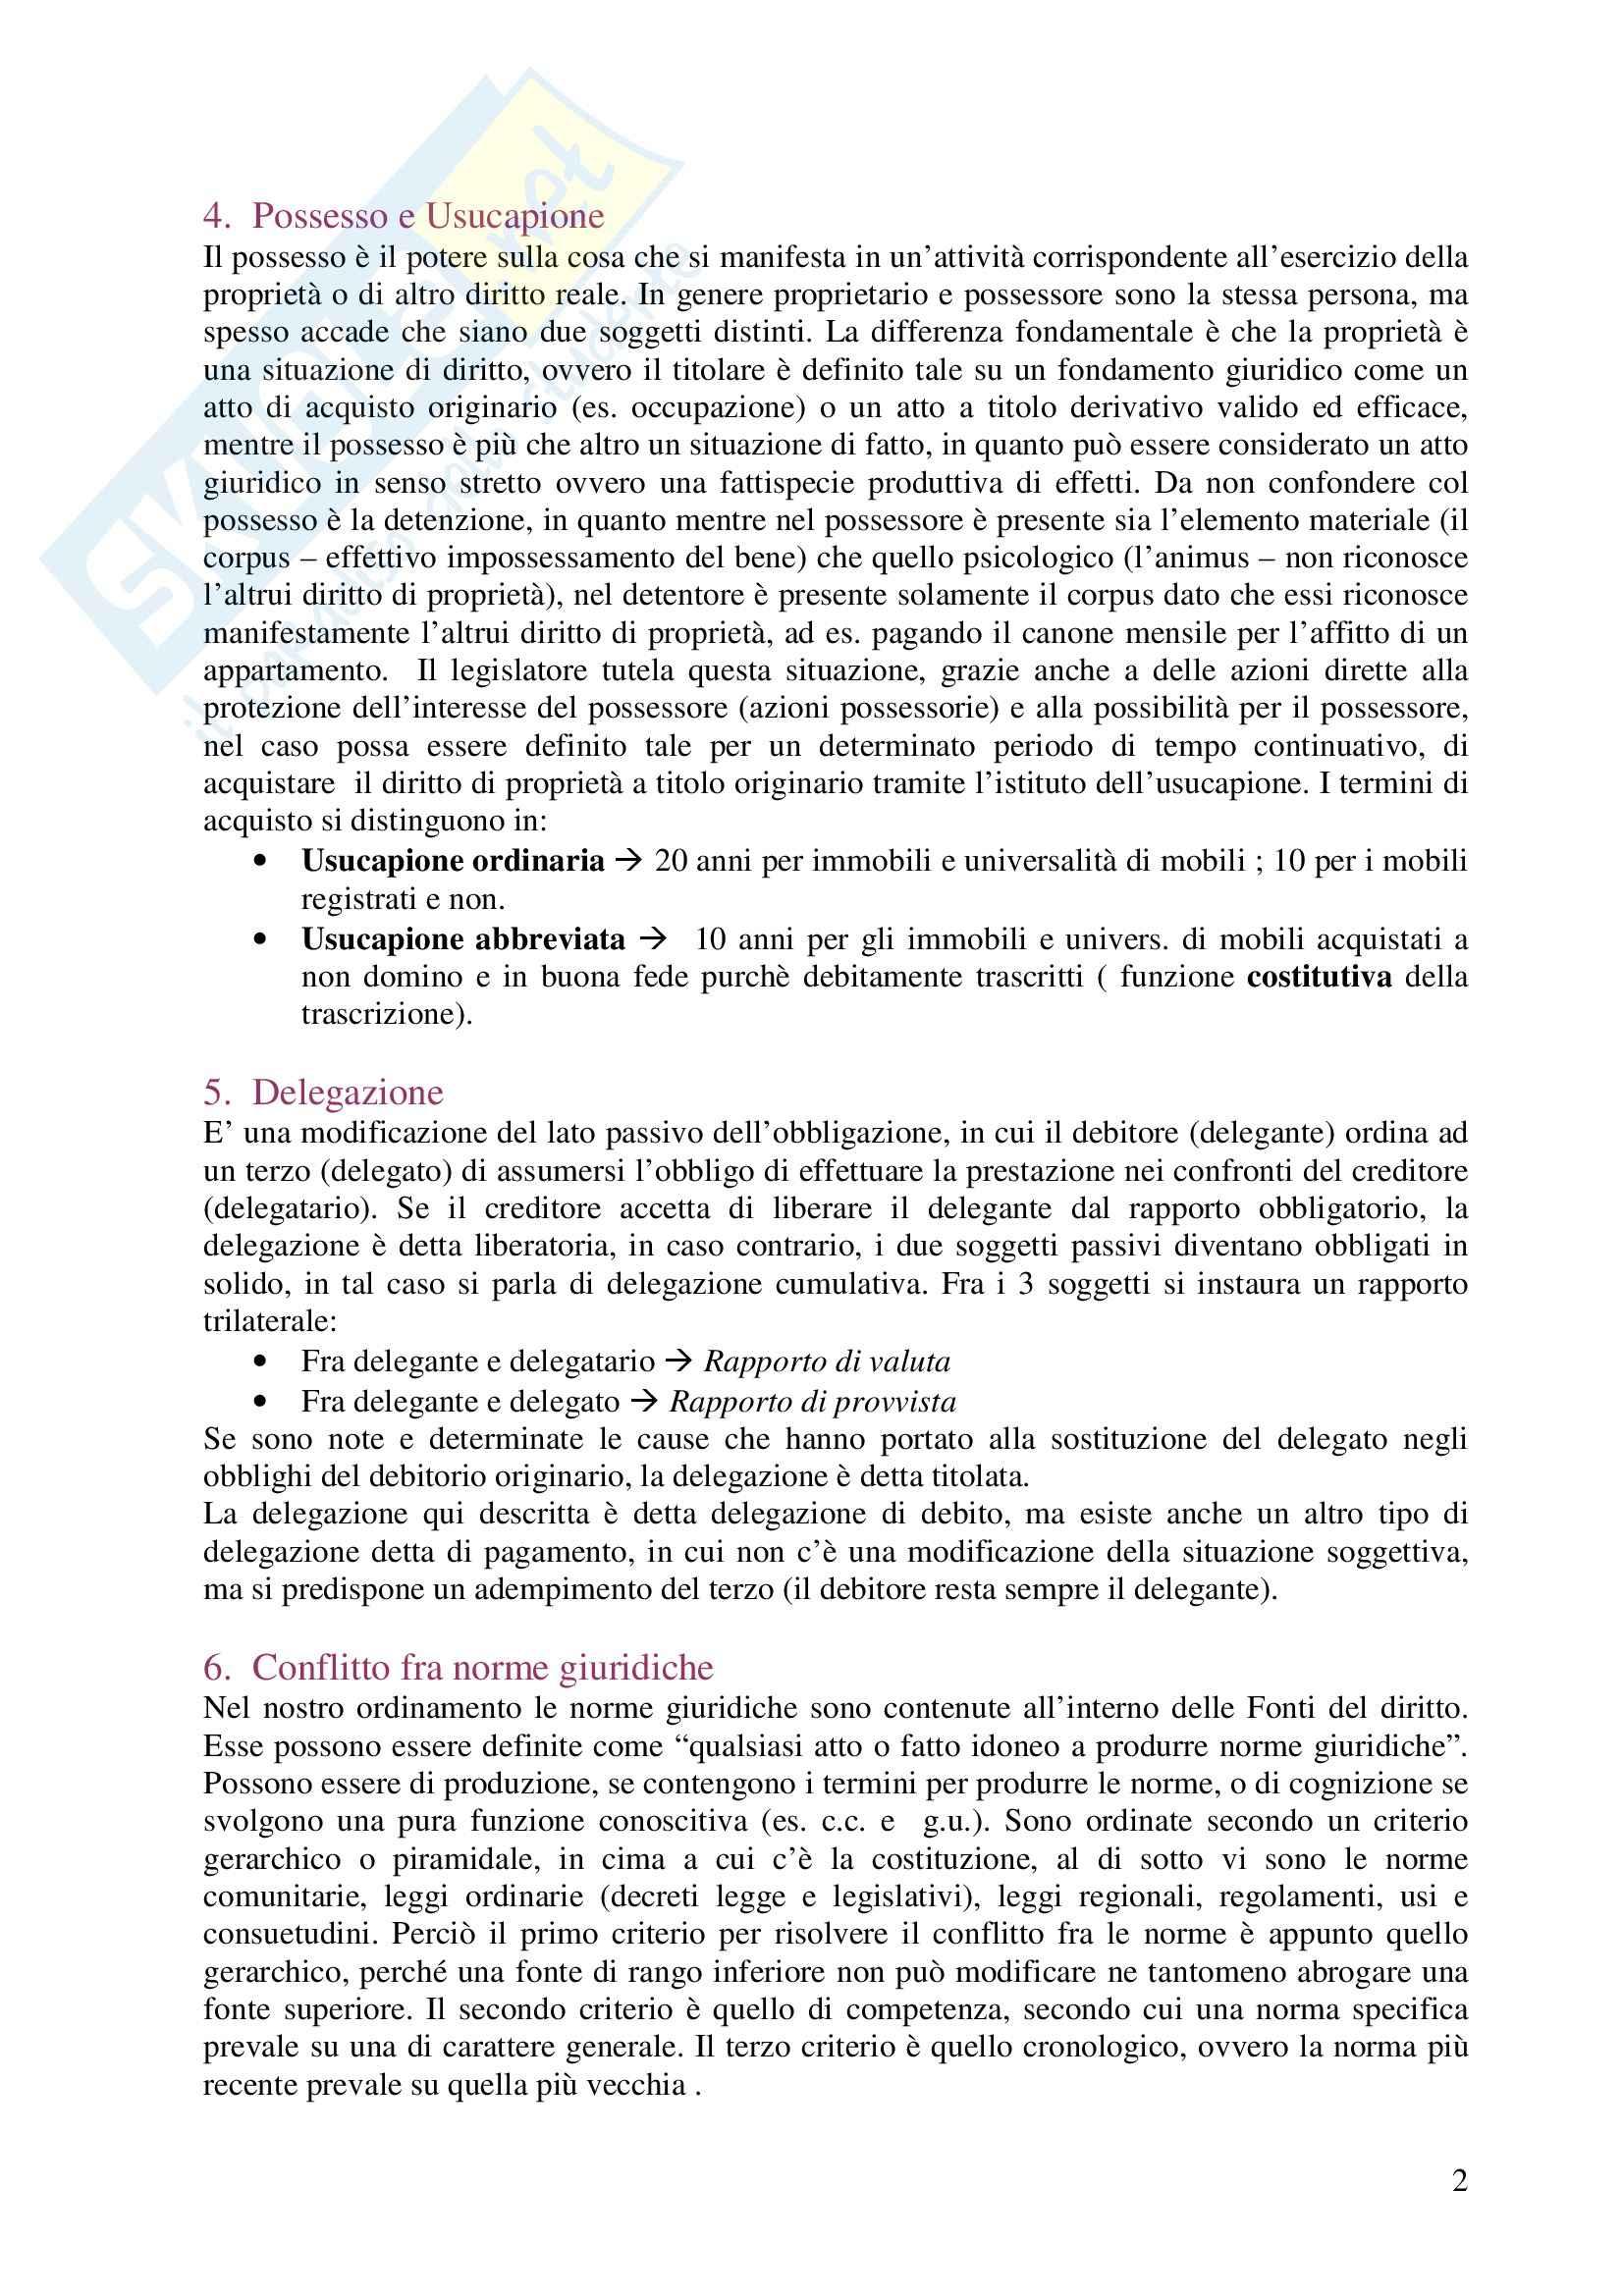 Diritto privato - Domande e risposte Pag. 2